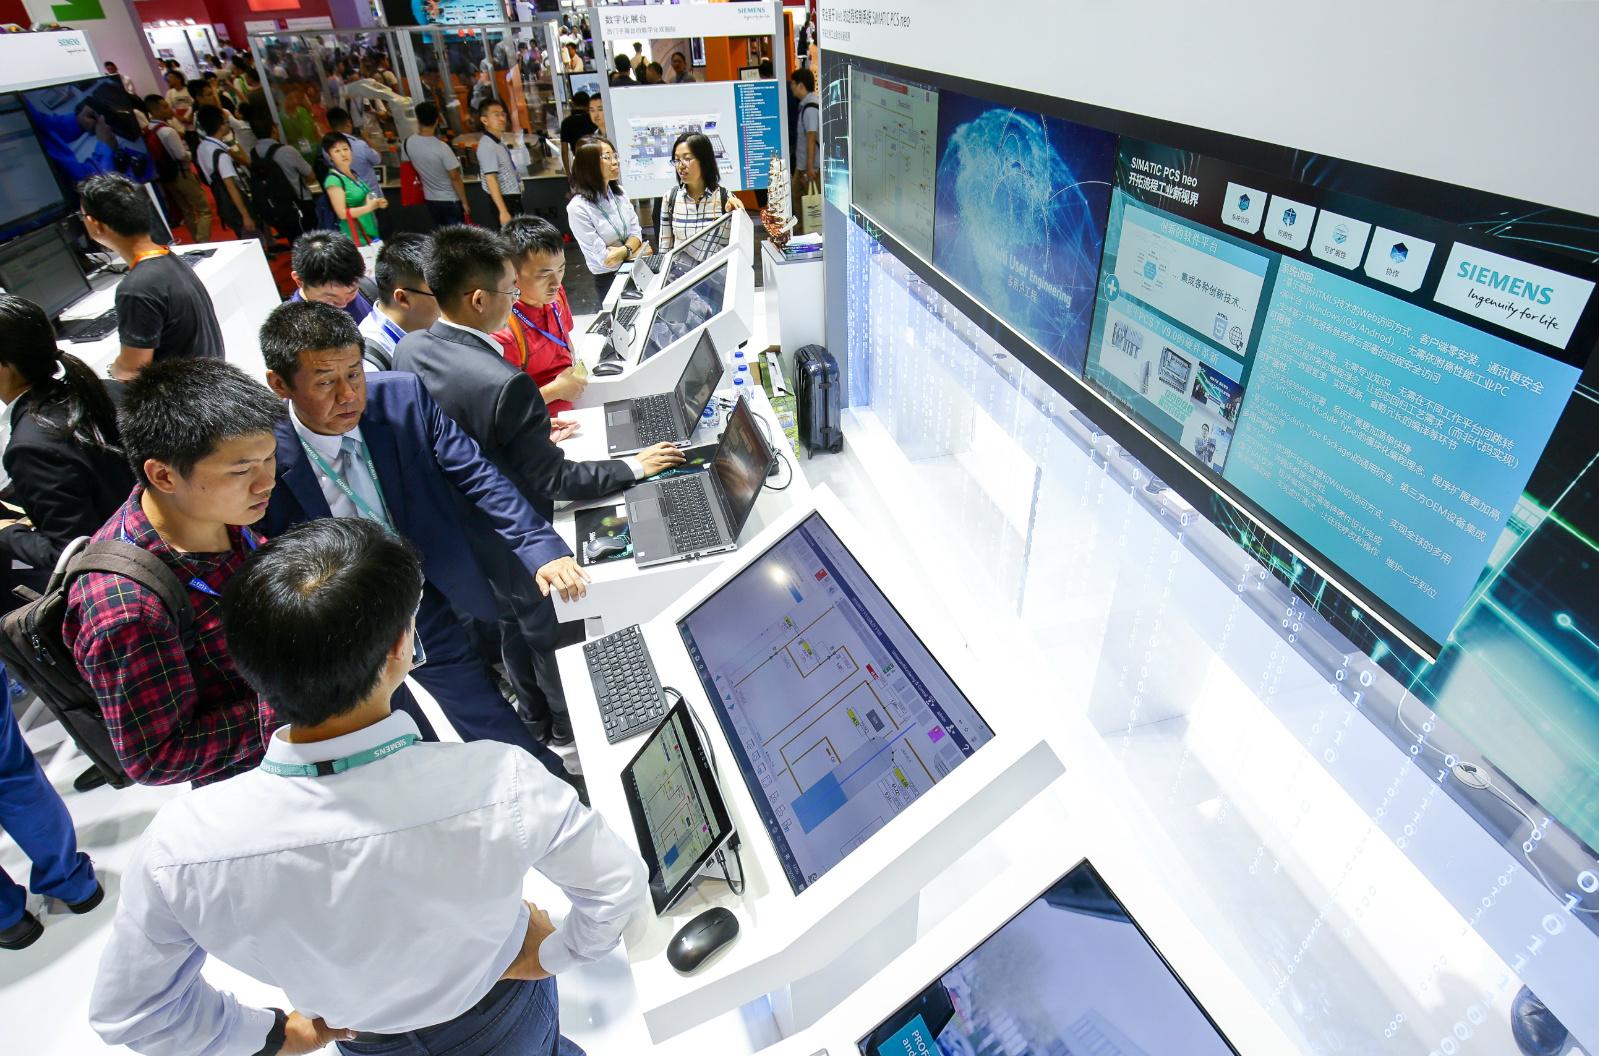 新闻图片2_西门子在2019工博会展示面向未来的创新型DCS系统SIMATIC PCS neo.jpg